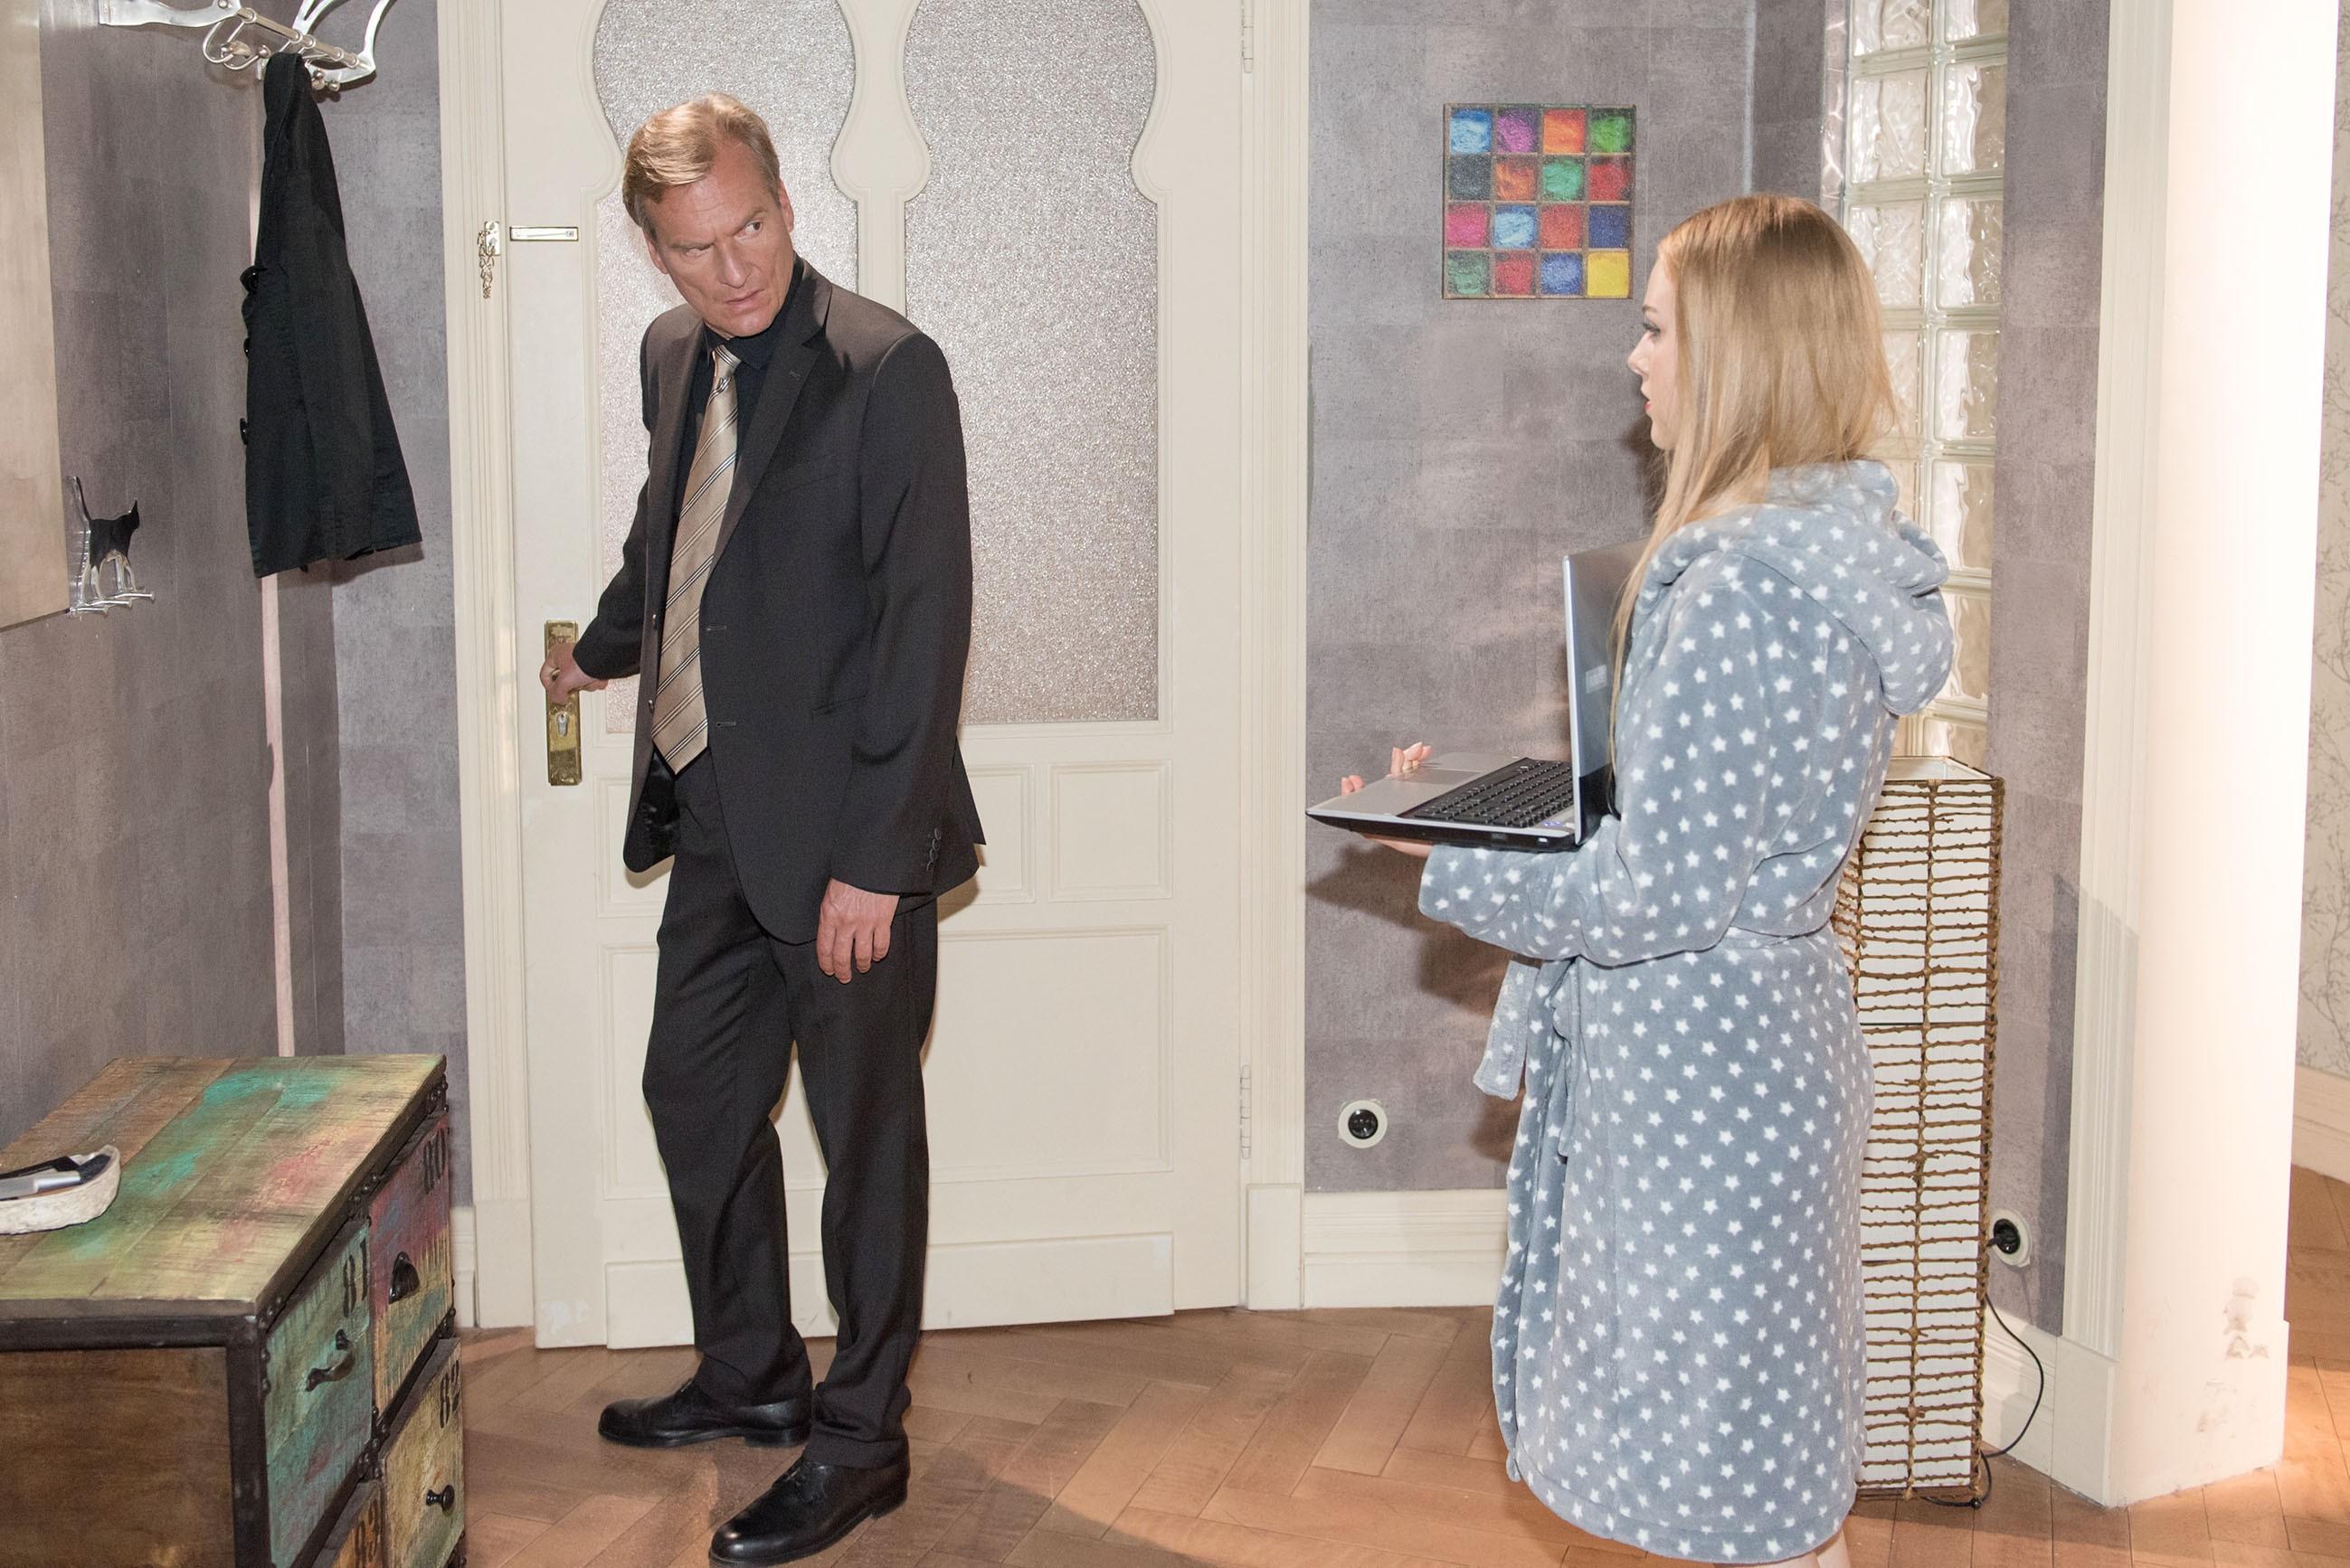 Als Richter Gerlach (Thomas Pohn) sich weigert, trotz des Sex mit Fiona (Olivia Burkhart) Rolfs Resozialisierungsantrag zu unterschreiben, zieht Fiona ein Ass aus dem Ärmel... (Quelle: RTL / Stefan Behrens)